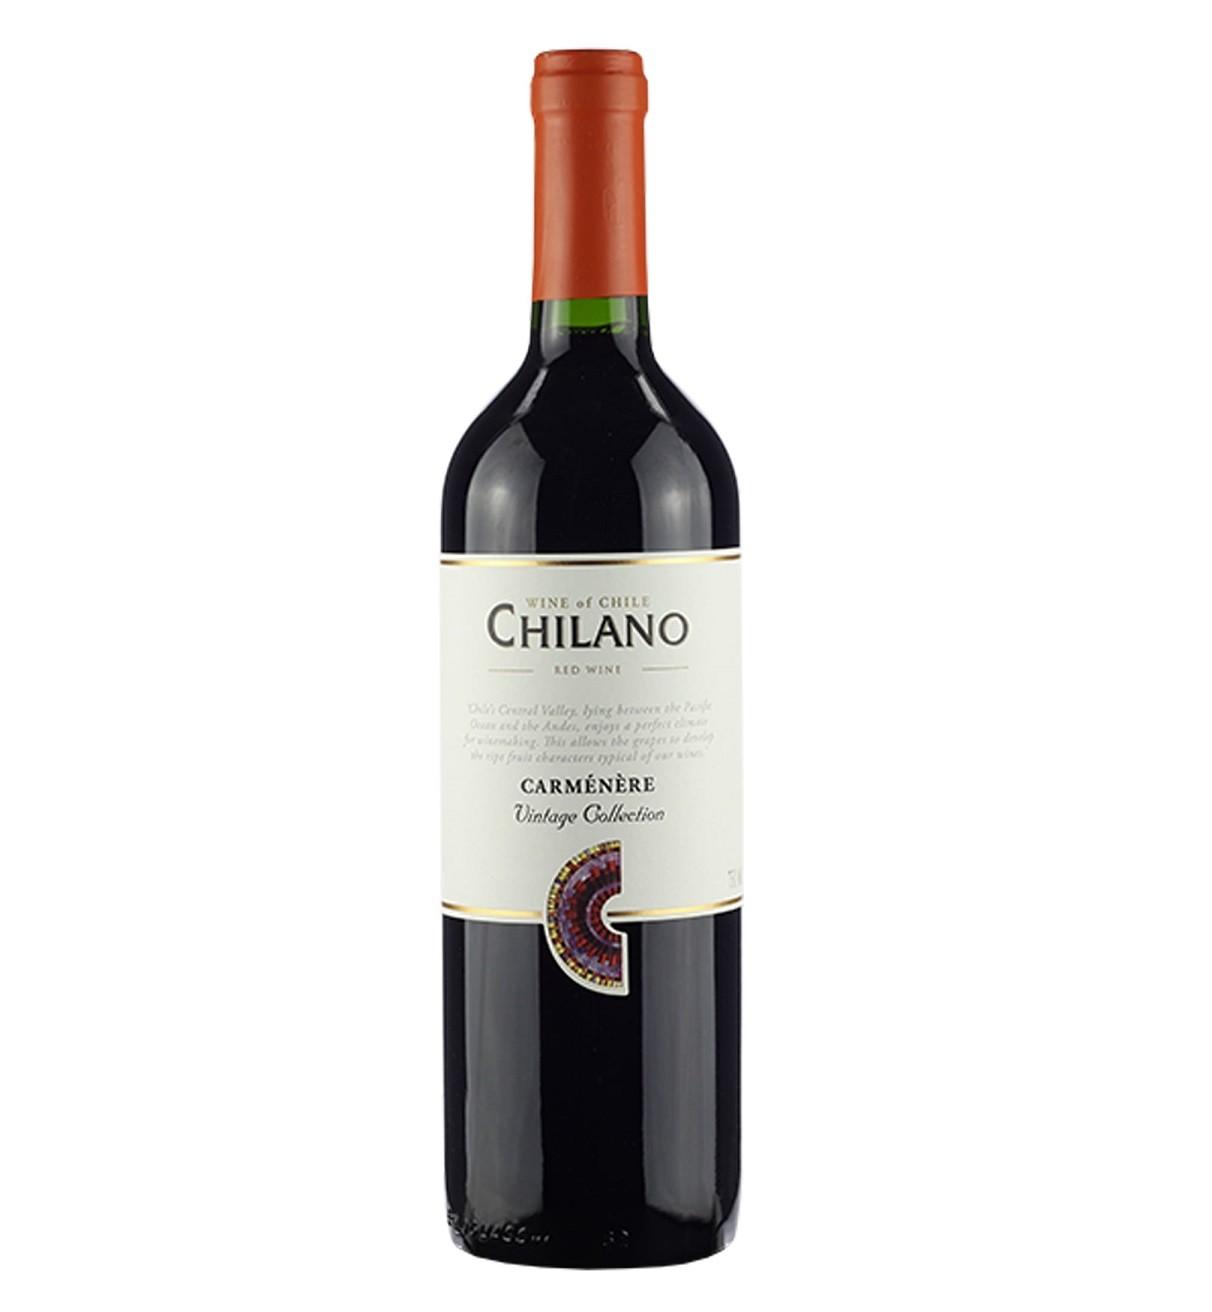 VINHO CHIL. CHILANO TTO. CARMENERE 750ML